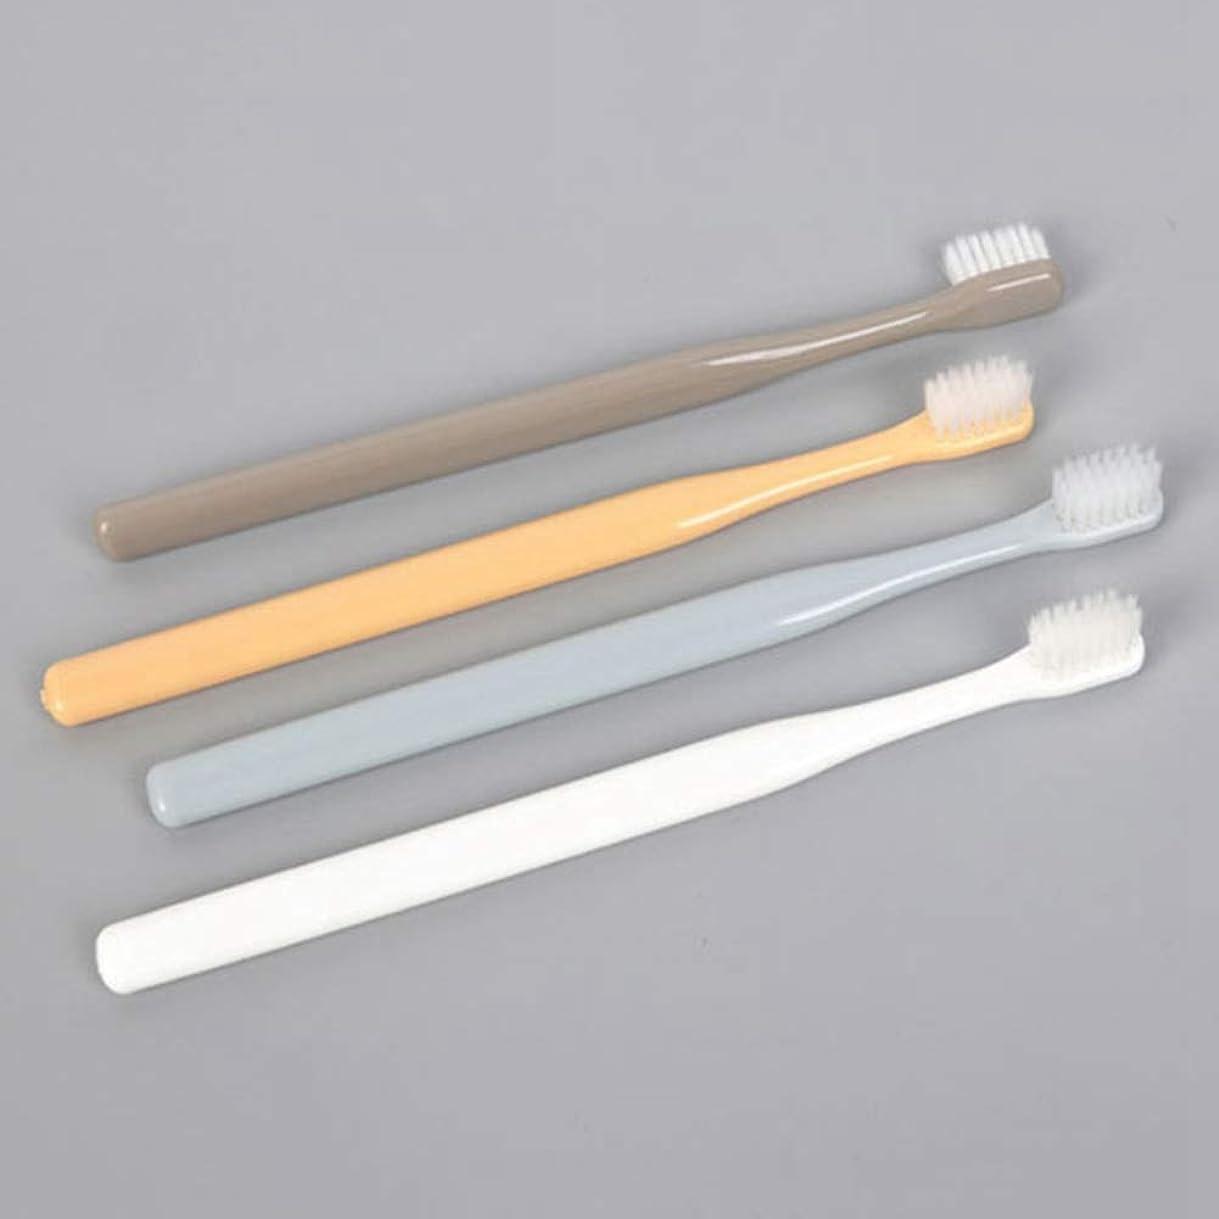 トラフィック分岐する忌まわしいEVA-JP 歯ブラシ×4本 ナノメートルブラシ 高密度 柔らかいブラシ 日本式歯ブラシ 極薄ヘッド 旅行用歯ブラシ